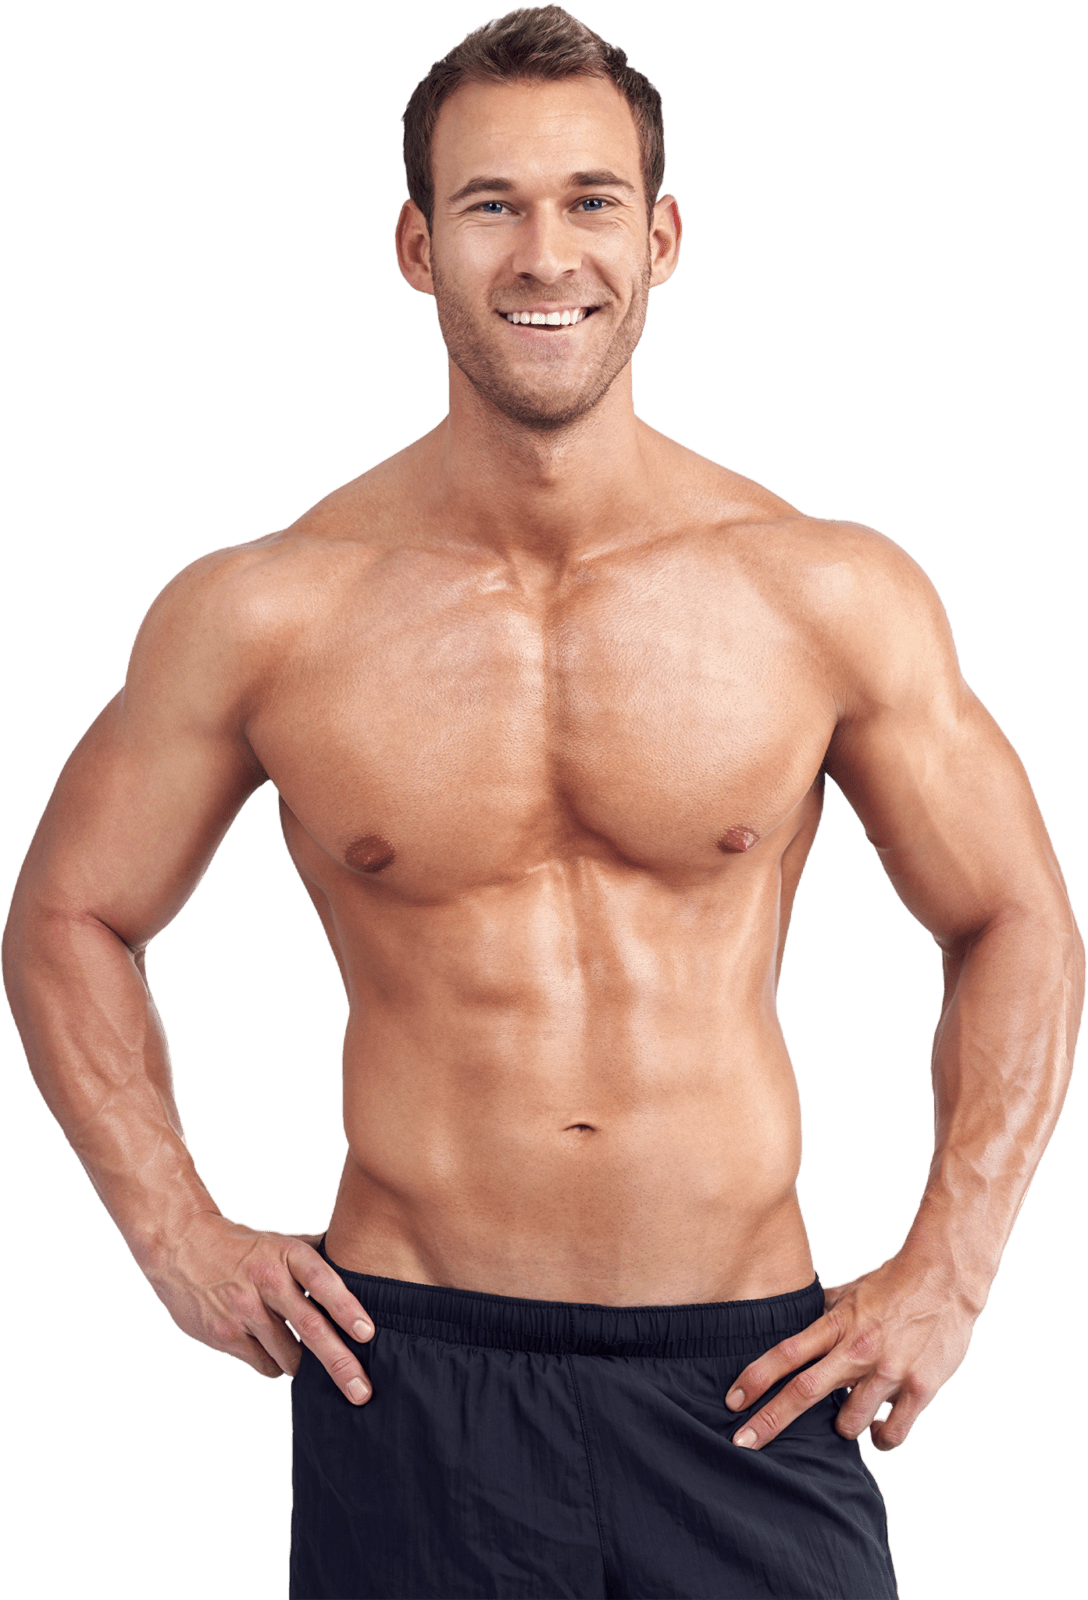 Ein Mann mit nacktem Oberkörper schaut lächelnd in die Kamera.